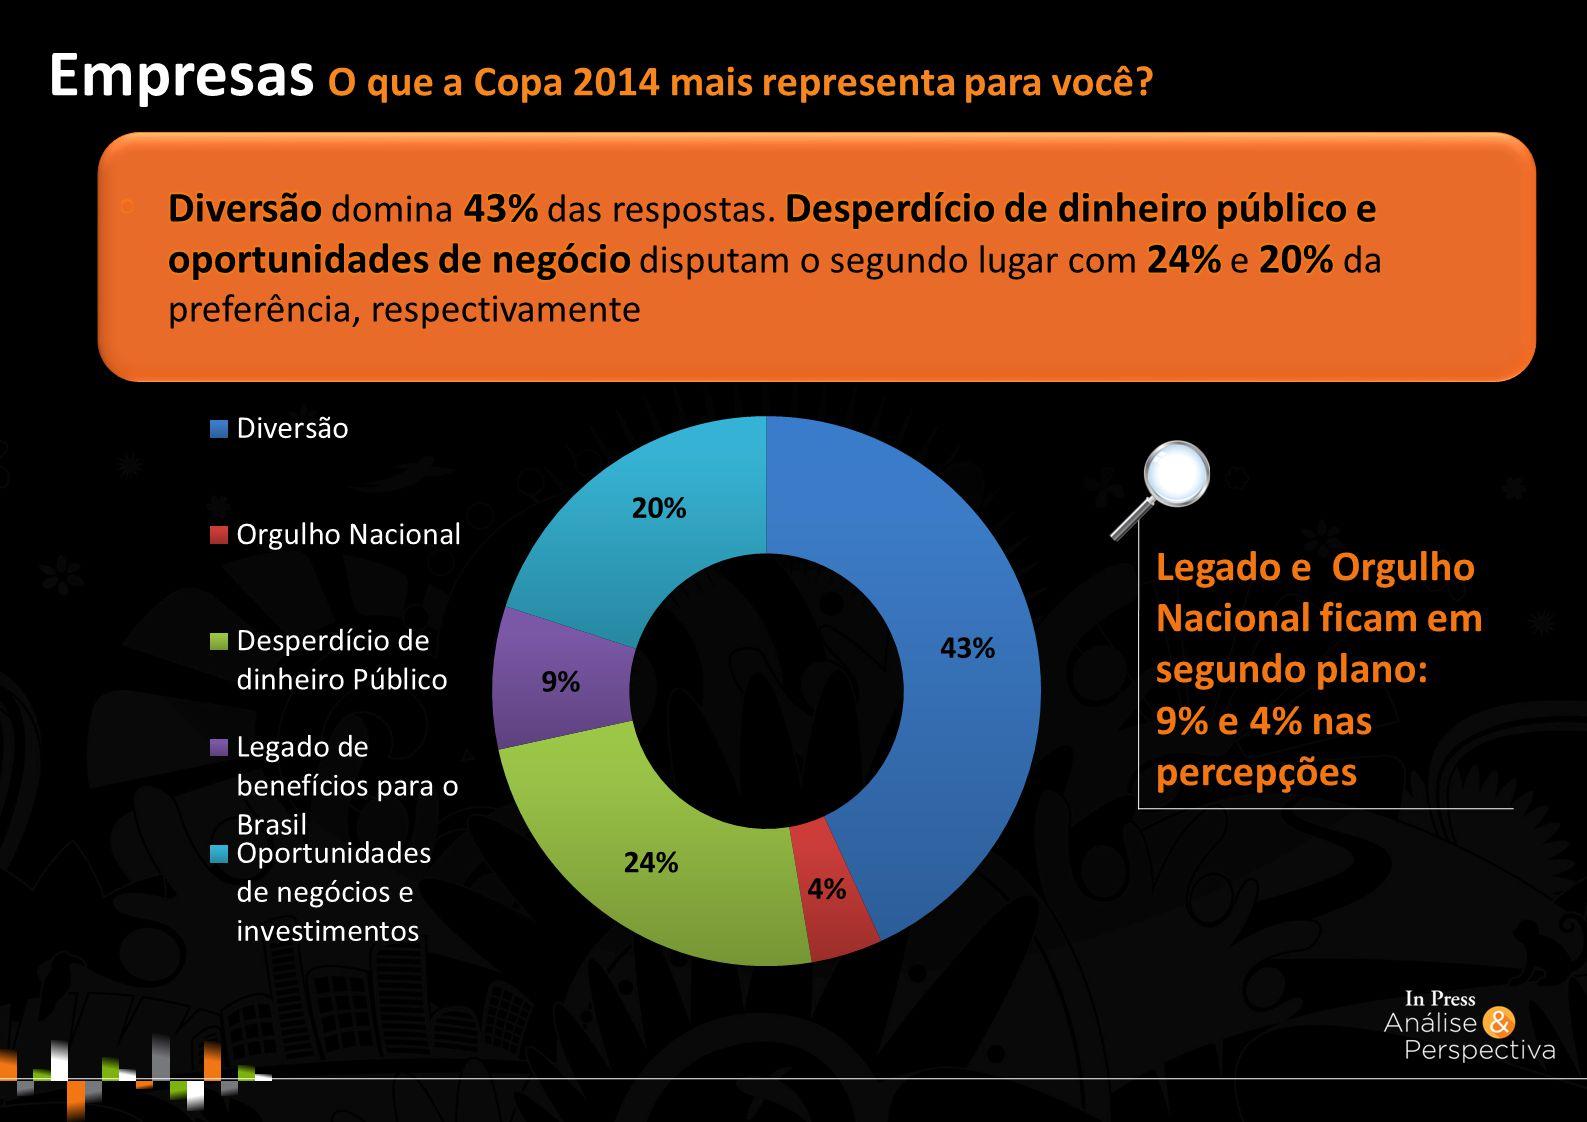 Legado e Orgulho Nacional ficam em segundo plano: 9% e 4% nas percepções Empresas O que a Copa 2014 mais representa para você?